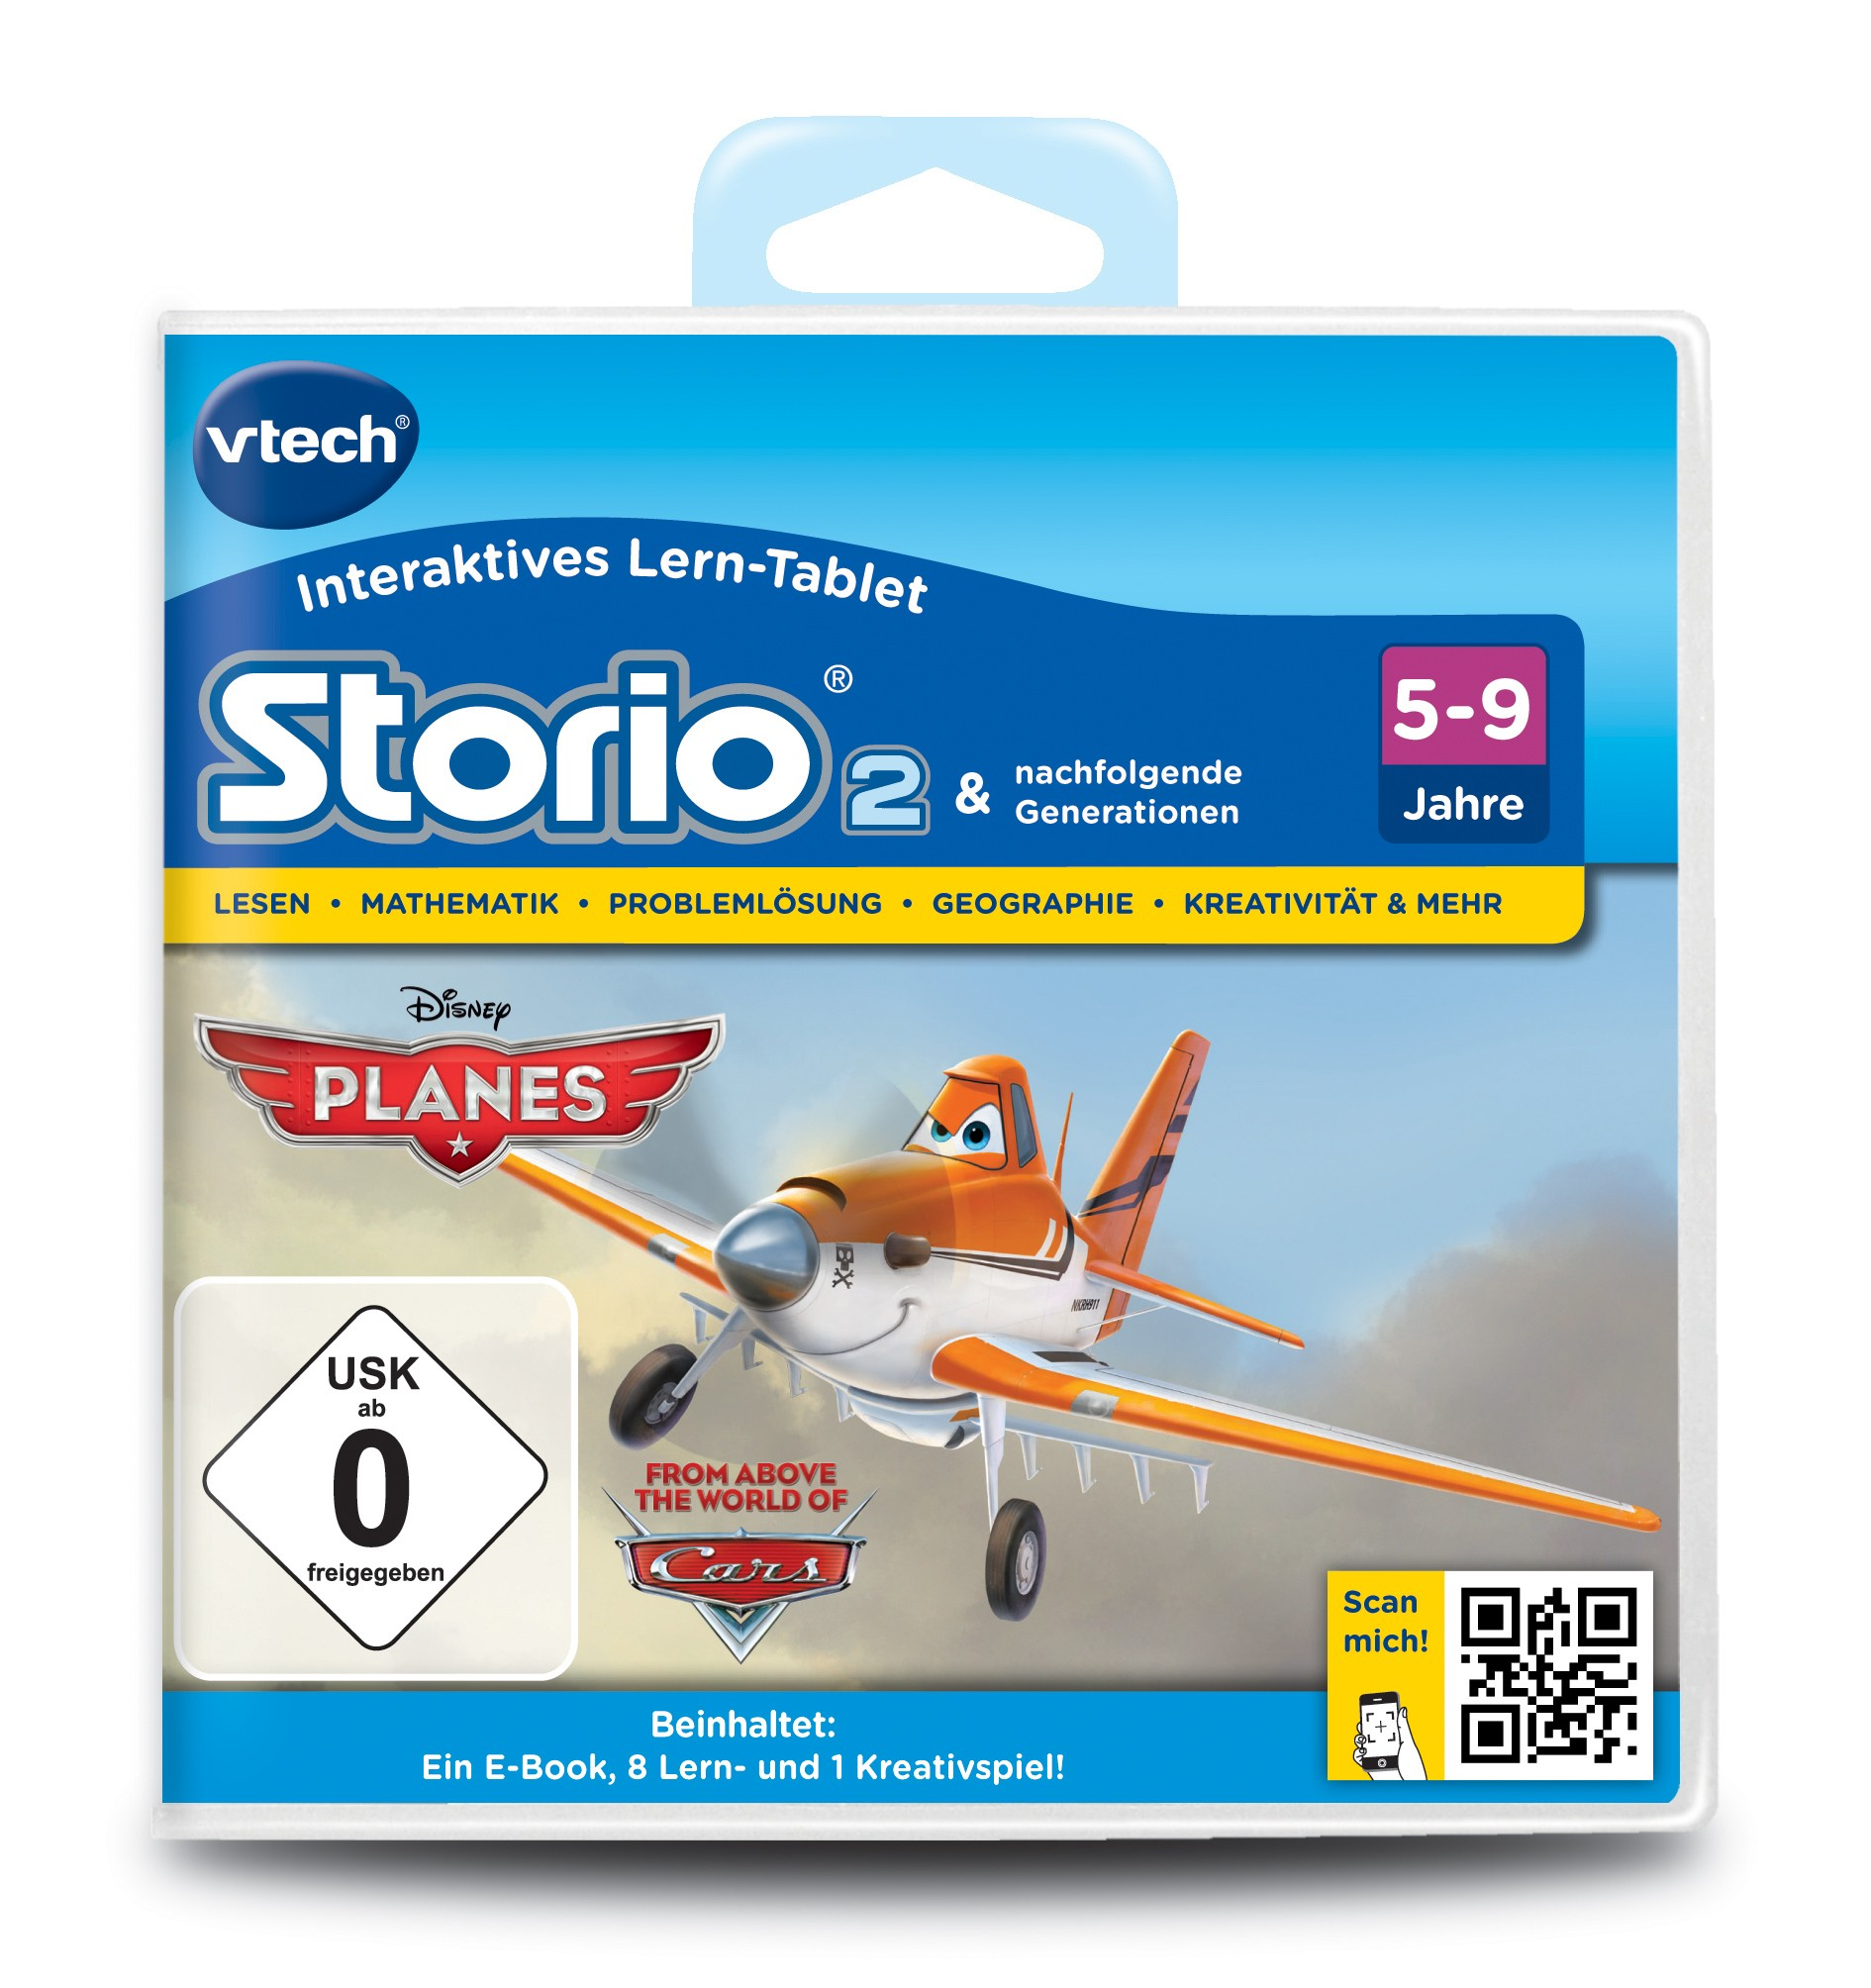 VTech Storio 2 Lernspiel Spielkassette Planes